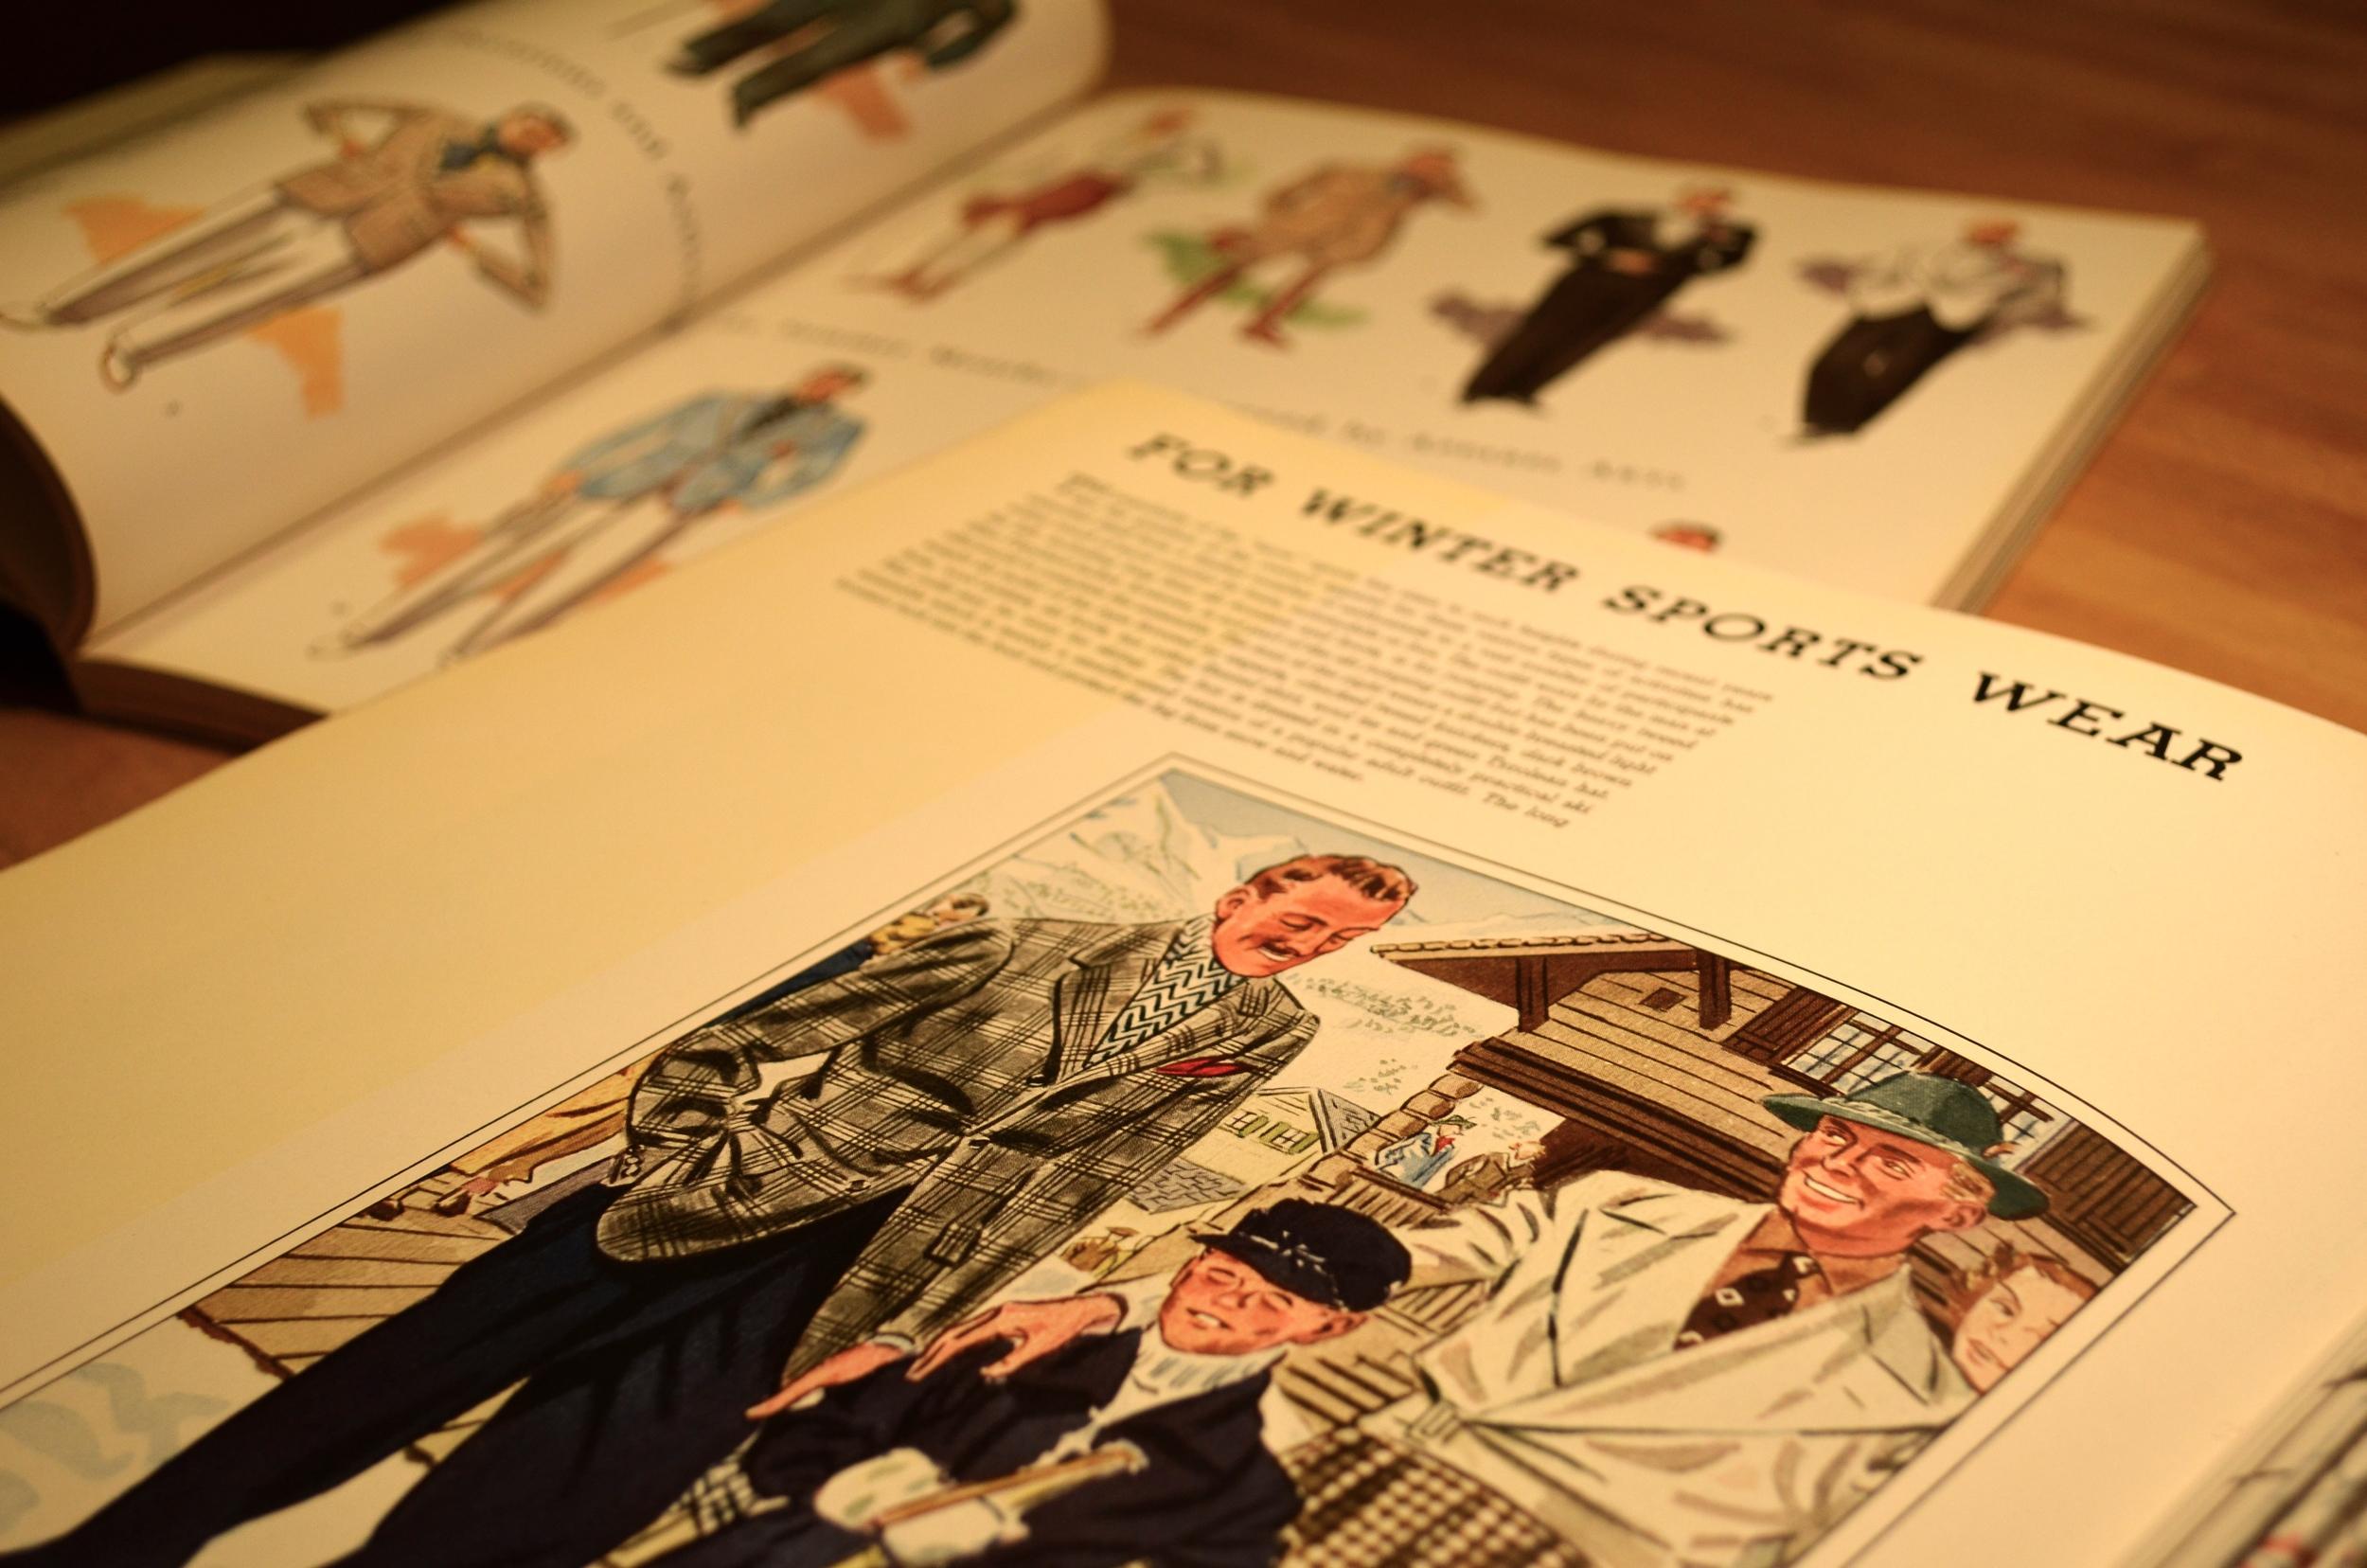 Illustrationsfrom Apparel Arts.